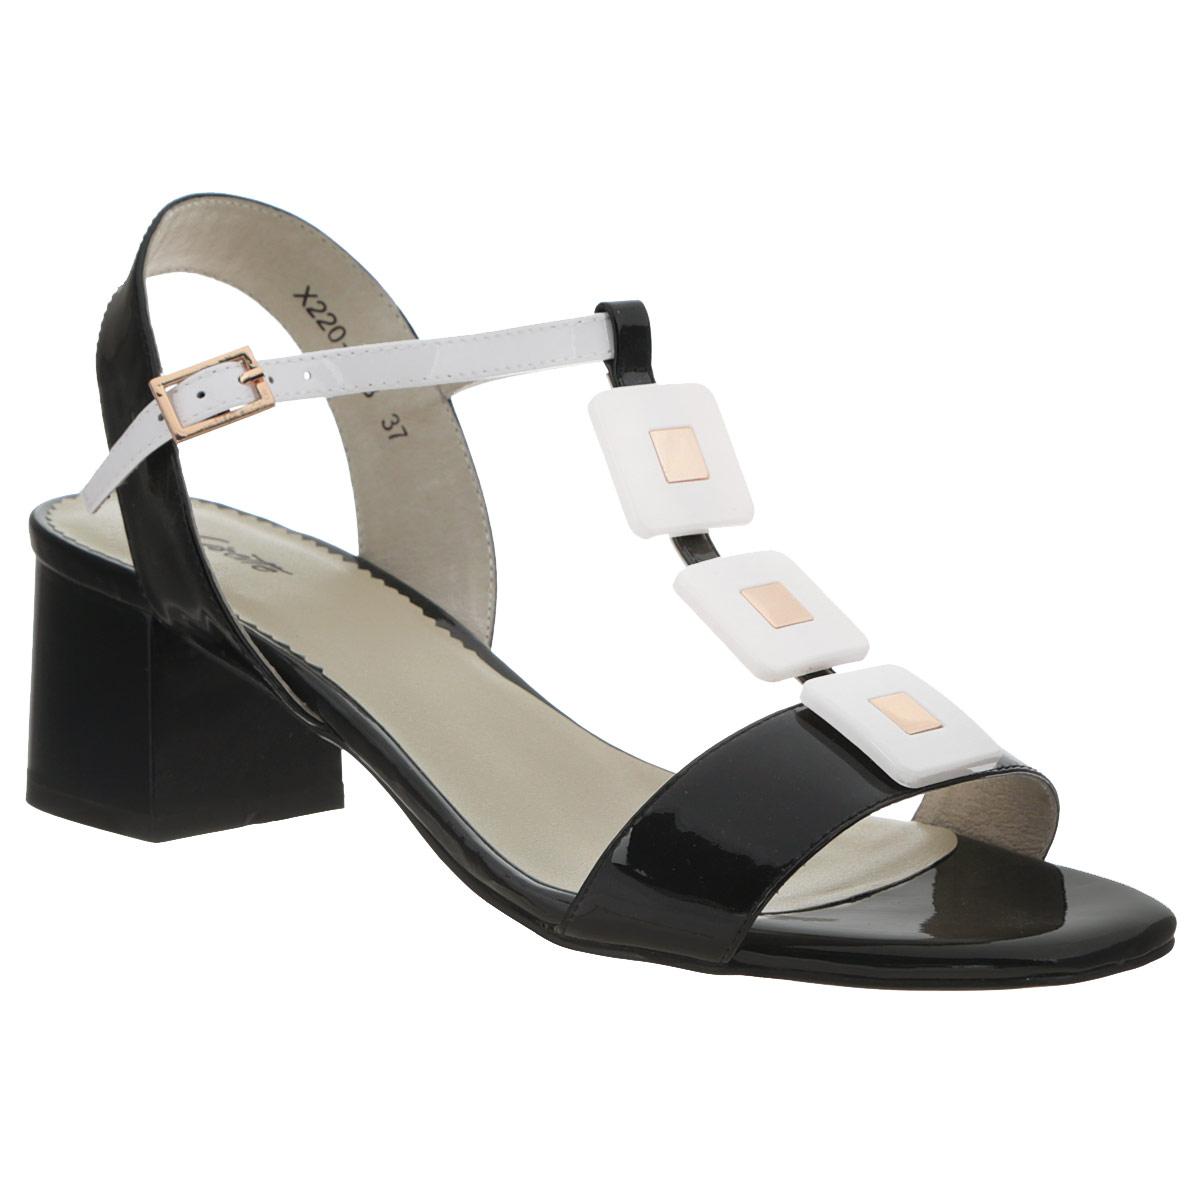 Босоножки женские. X220-01BX220-01BСтильные босоножки на каблуке от Lisette станут прекрасным дополнением летнего гардероба. Верх модели выполнен из натуральной лакированной кожи. Внутренняя часть и стелька также выполнены из натуральной кожи. Босоножки с открытым носком и пяткой надежно фиксирует на ноге ремешок с металлической пряжкой. Союзка оформлена декоративными элементами контрастного цвета. Устойчивый широкий каблук обеспечит комфорт при ходьбе. Подошва выполнена из прочной резины с нескользящим рифлением. Такие босоножки сделают вас ярче и подчеркнут вашу индивидуальность.